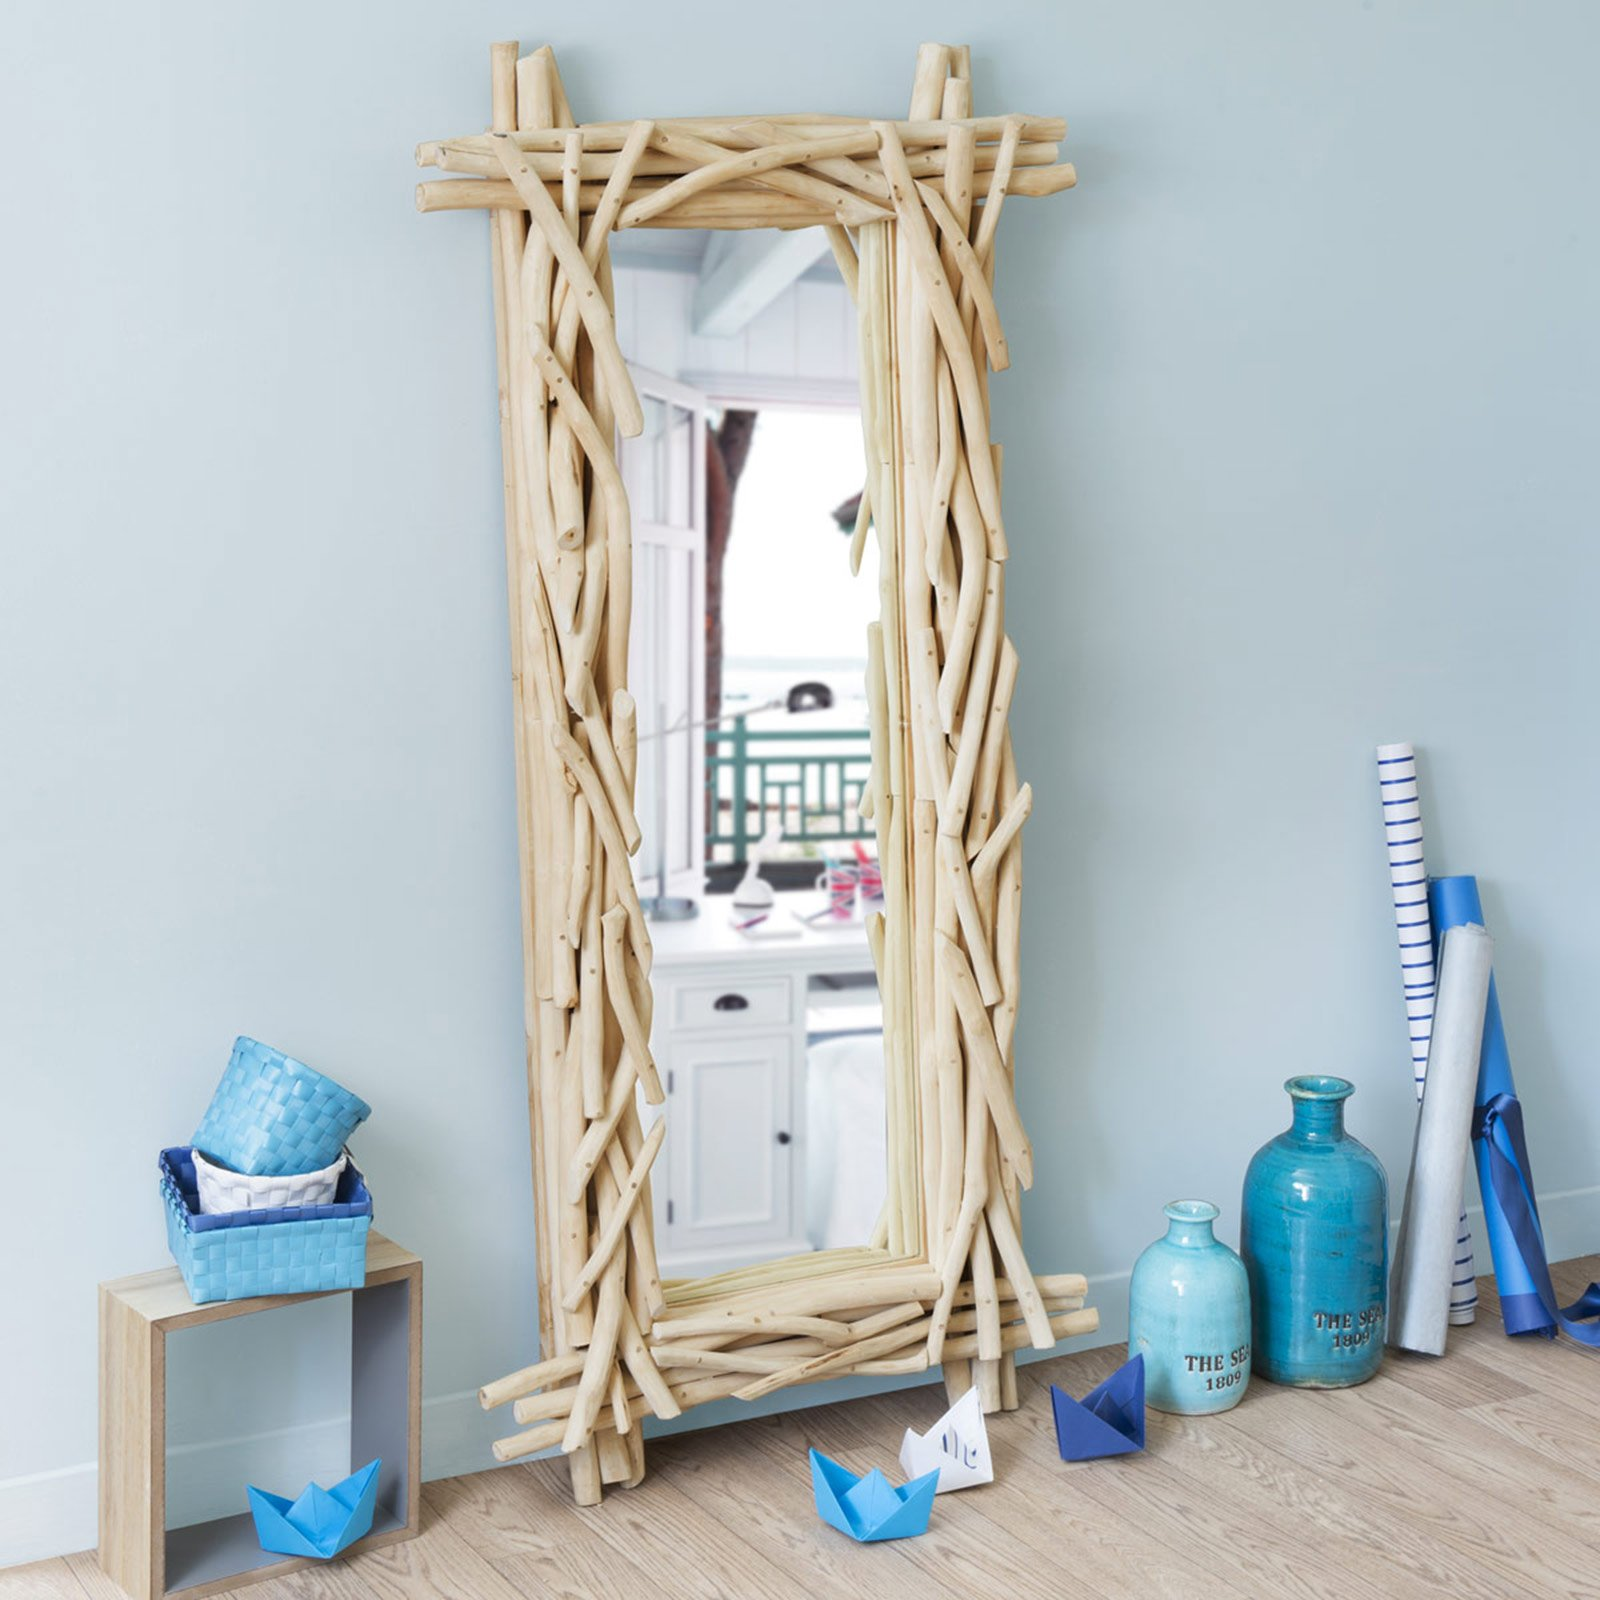 Specchi questione di riflessi cose di casa - Specchio in legno ...